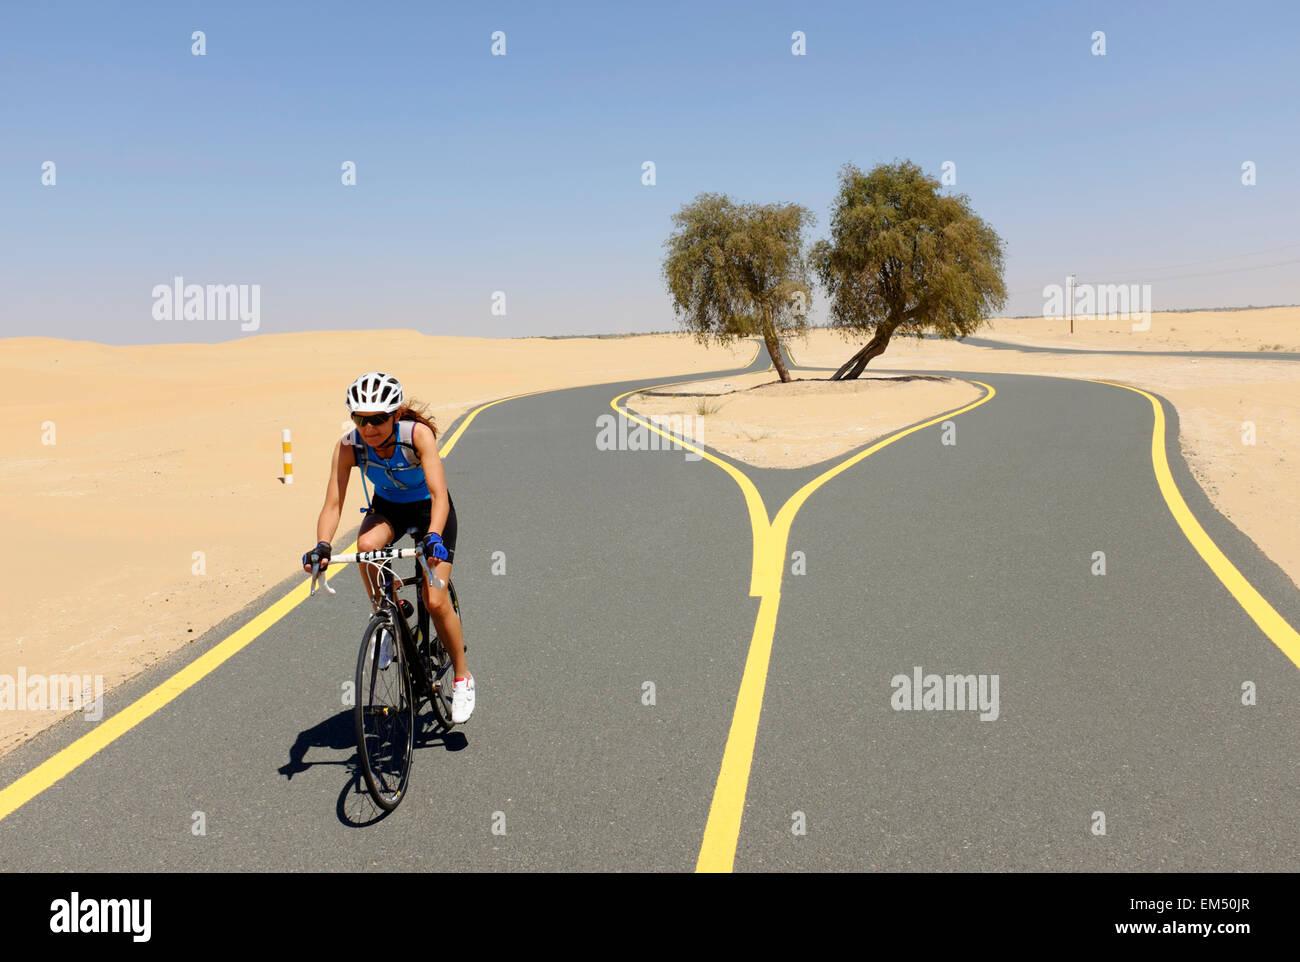 Ciclista femmina del nuovo ciclo del deserto via Al Qudra in Dubai Emirati Arabi Uniti Immagini Stock